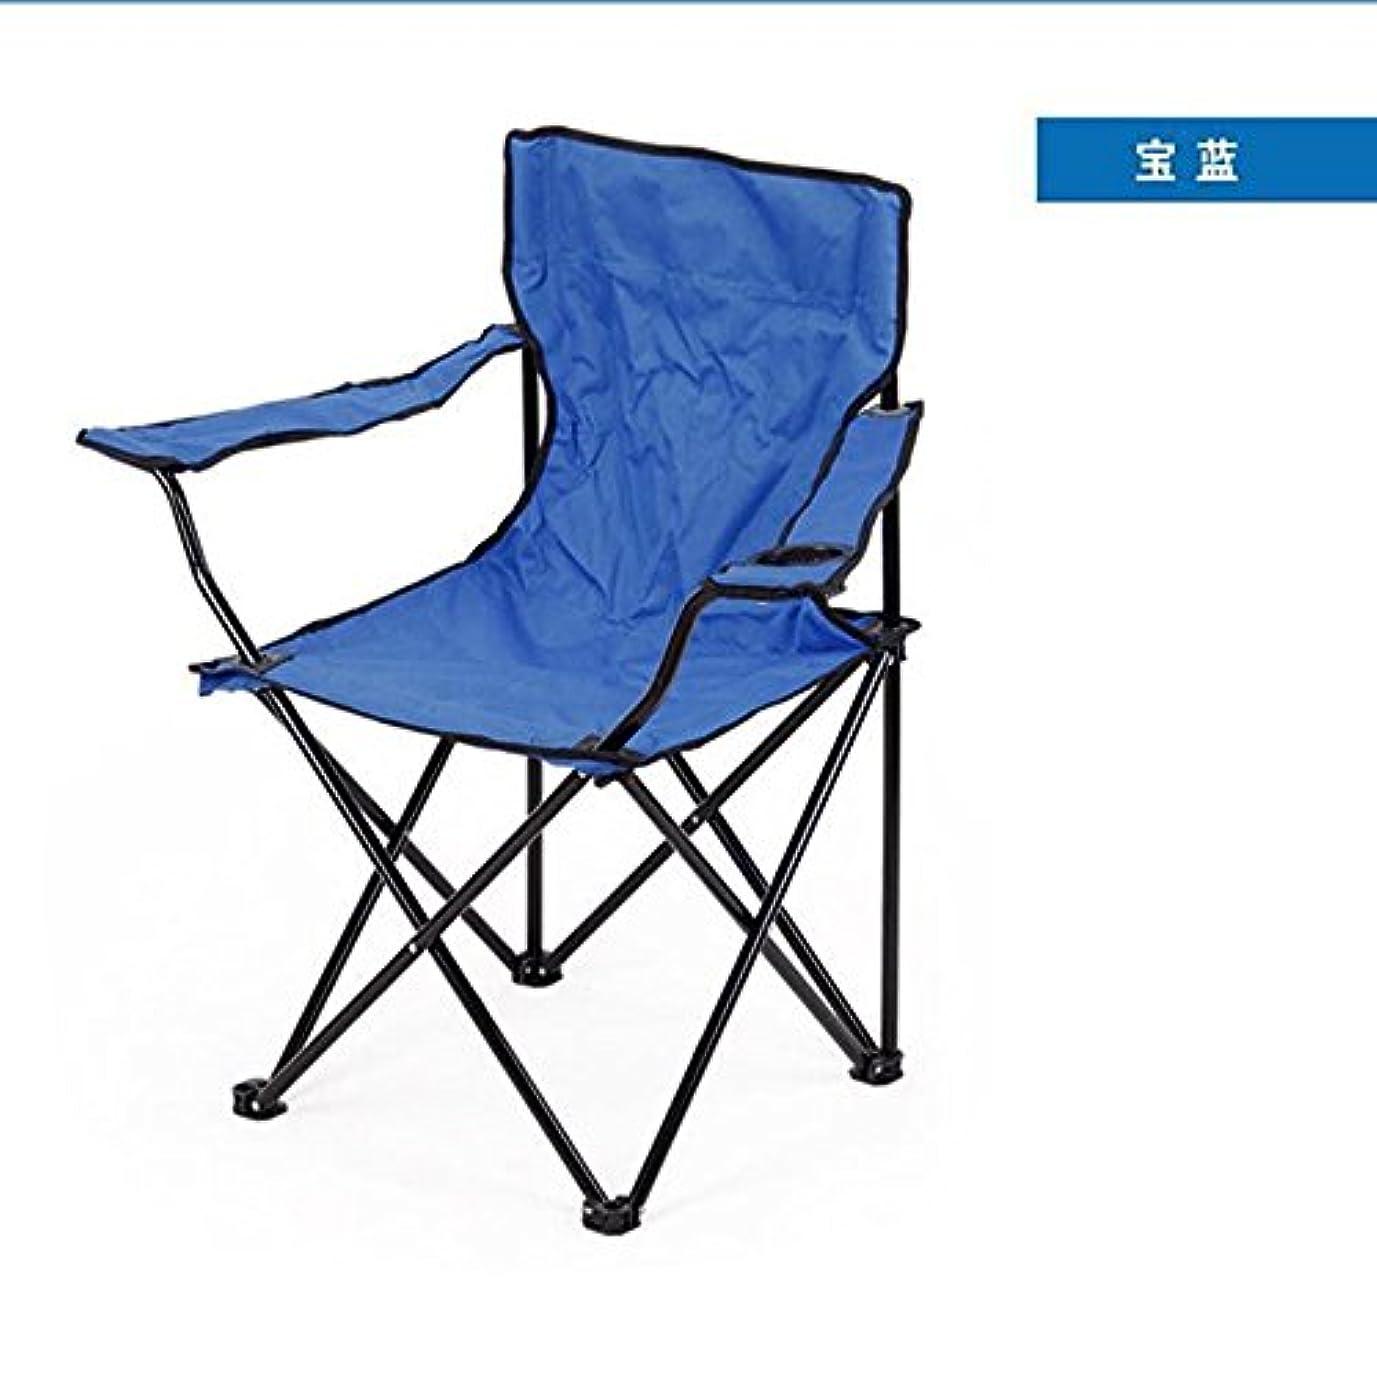 危険な動的コテージアウトドアチェア 折りたたみ 持ち運び便利 軽量 アウトドア バーベキュー 椅子 滑り止め キャンプ 海 収納バッグ付